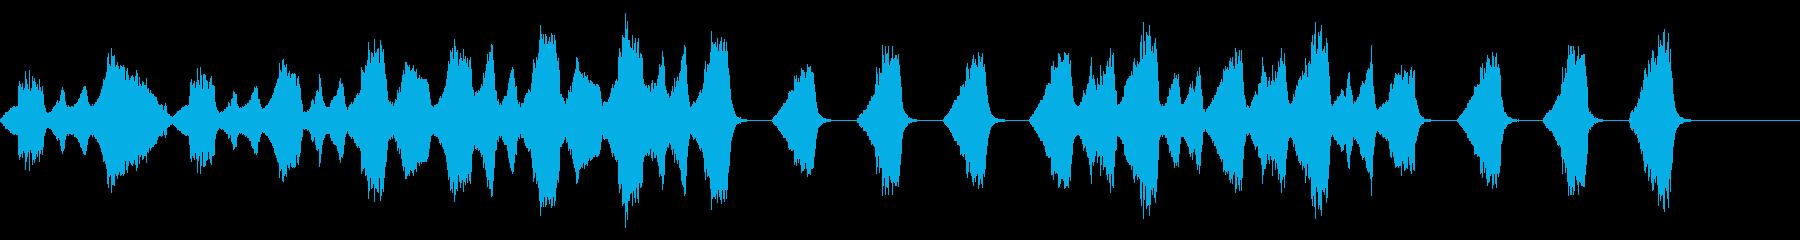 悲しい・絶望的な場面のストリングス曲の再生済みの波形